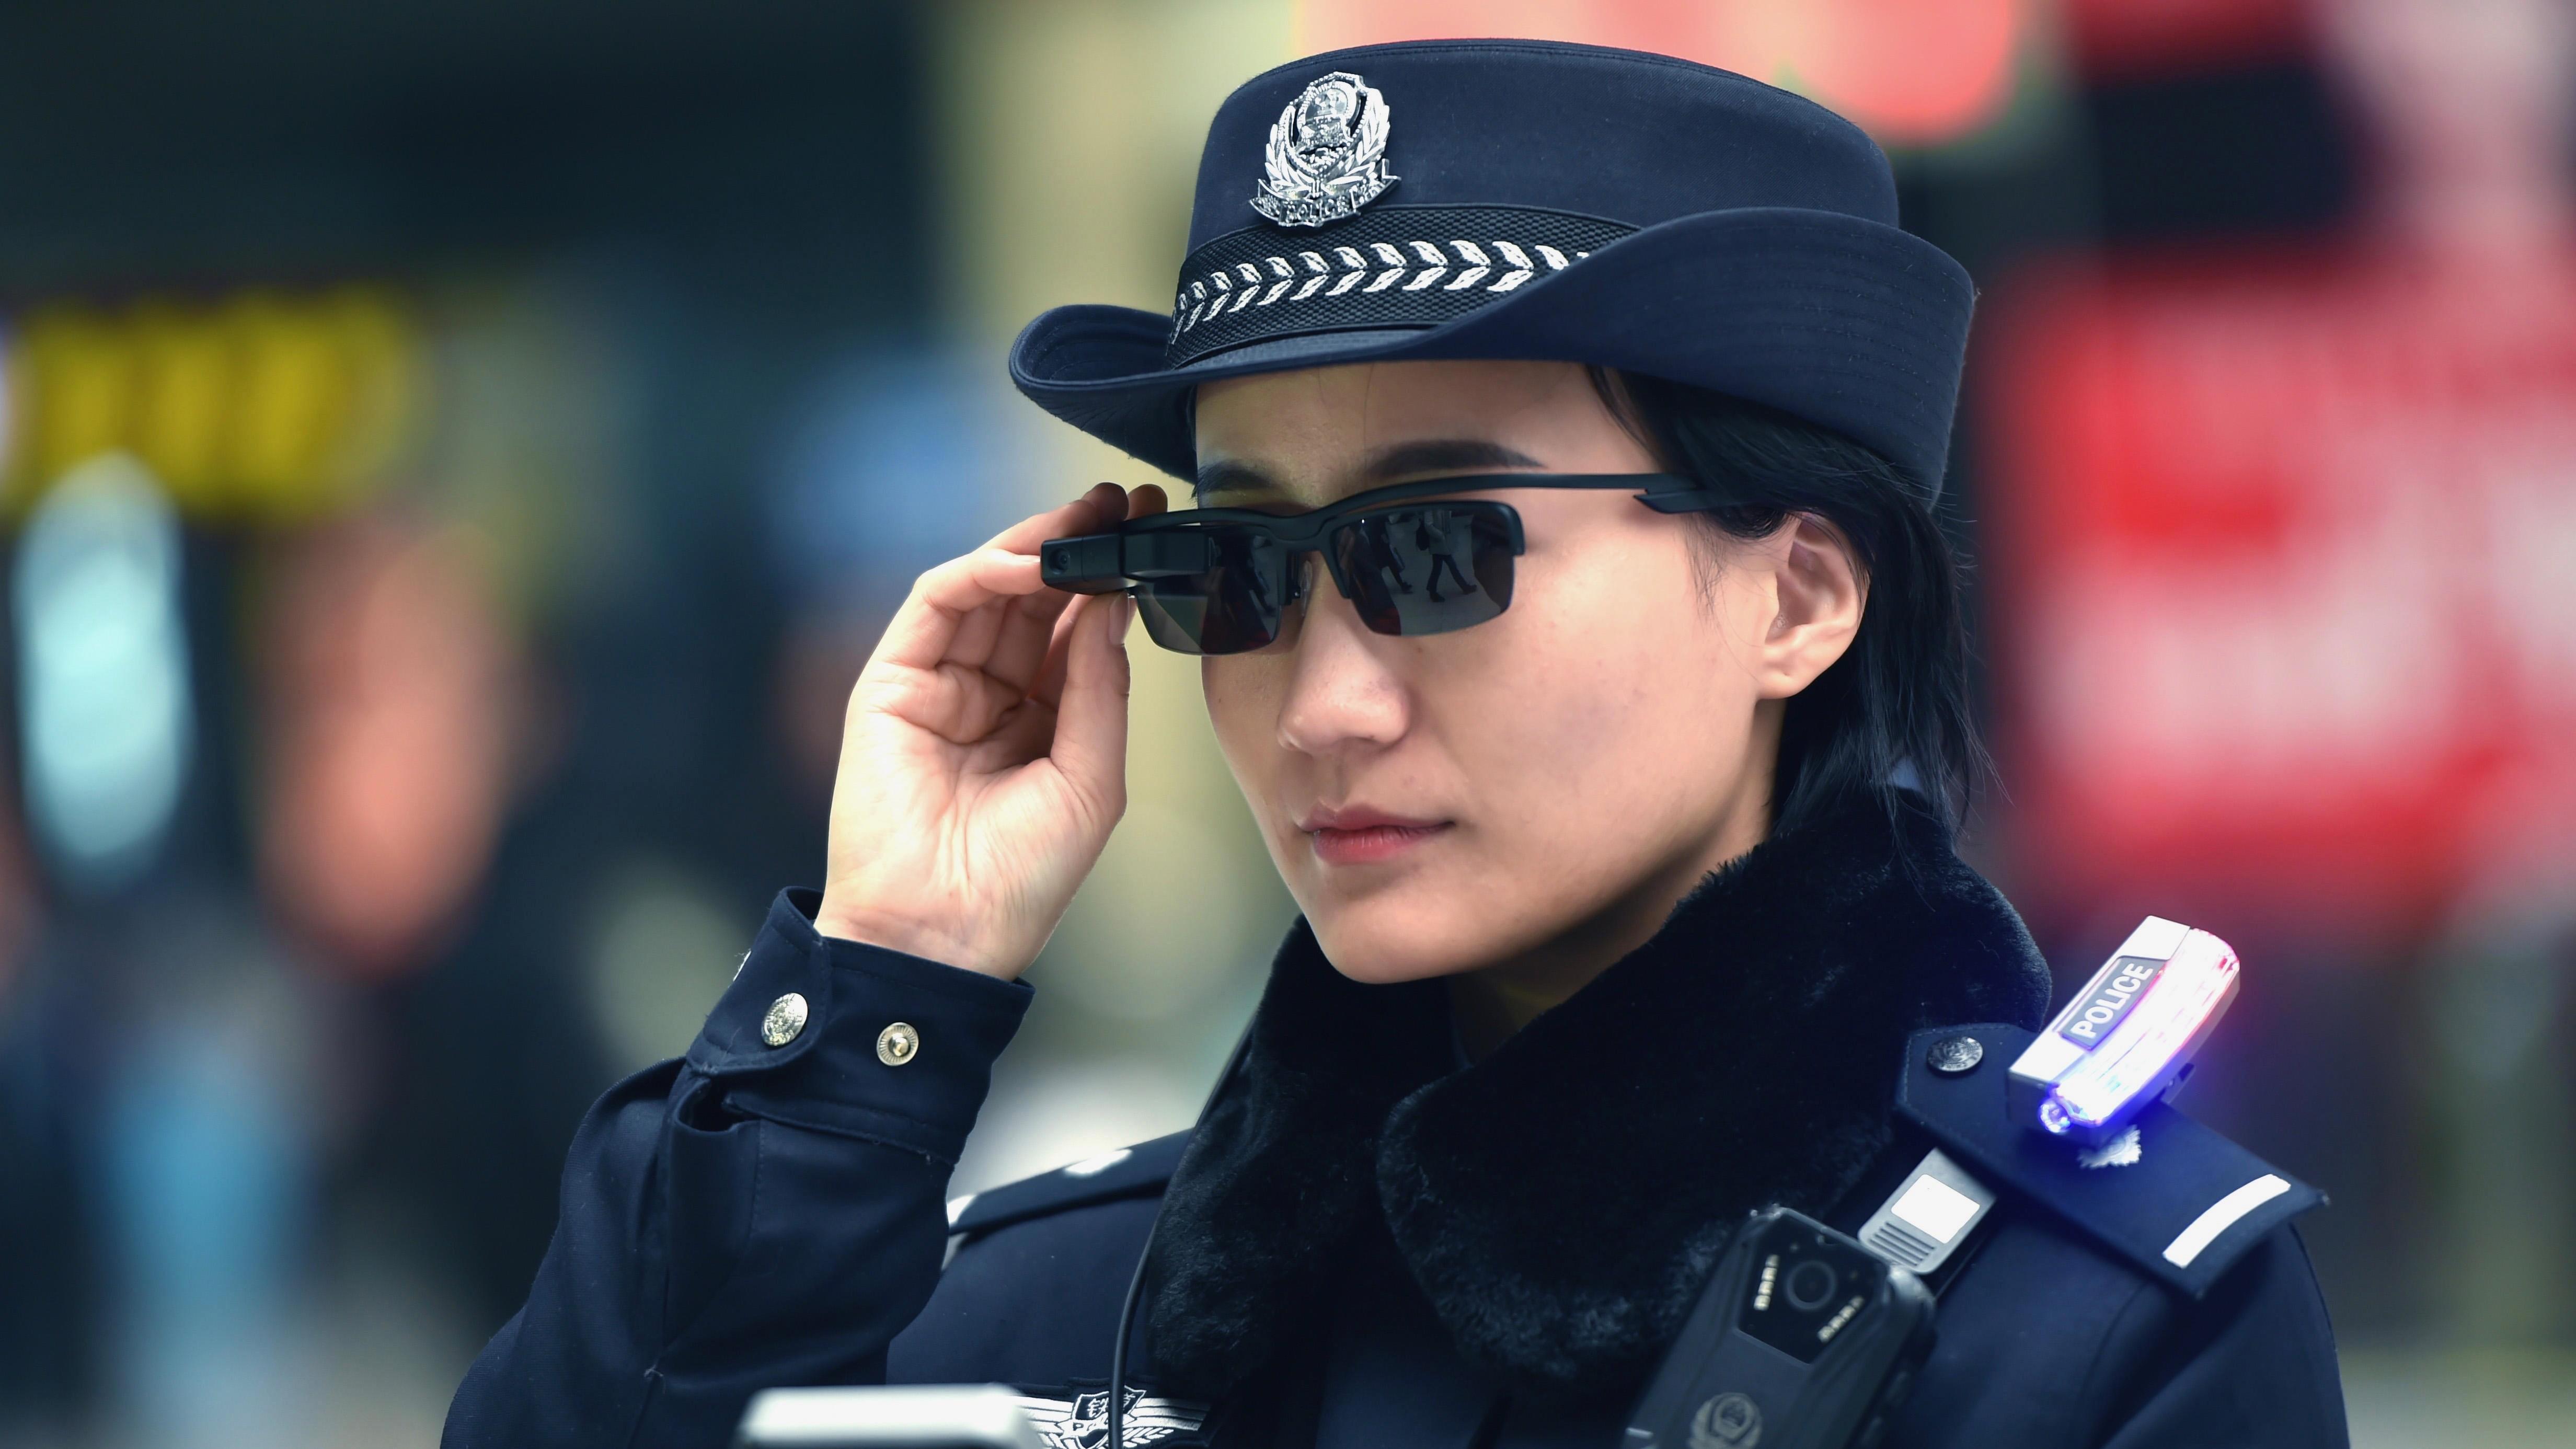 Полицейские в Китае сканируют лица прохожих, чтобы выявить преступников